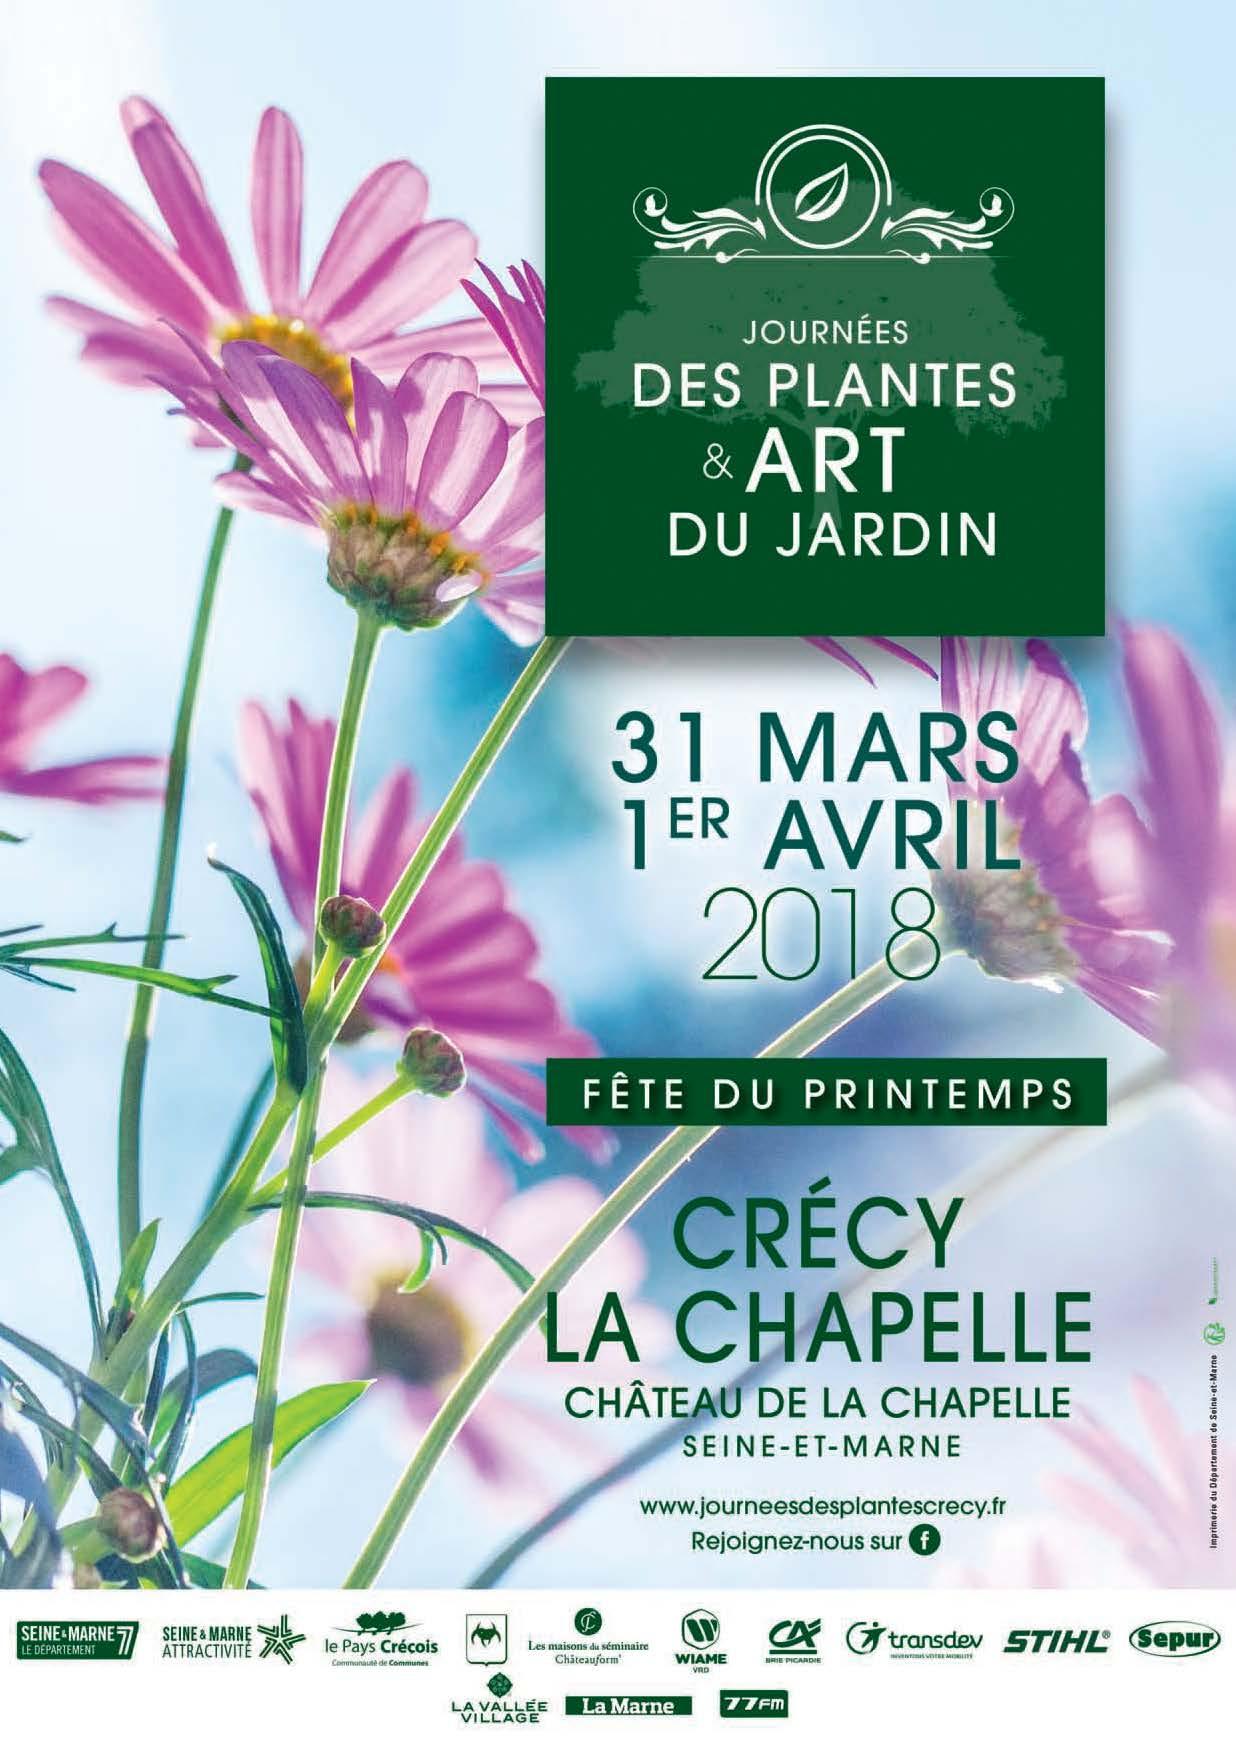 Affiche journée de plantes crecy la chapelle 2018